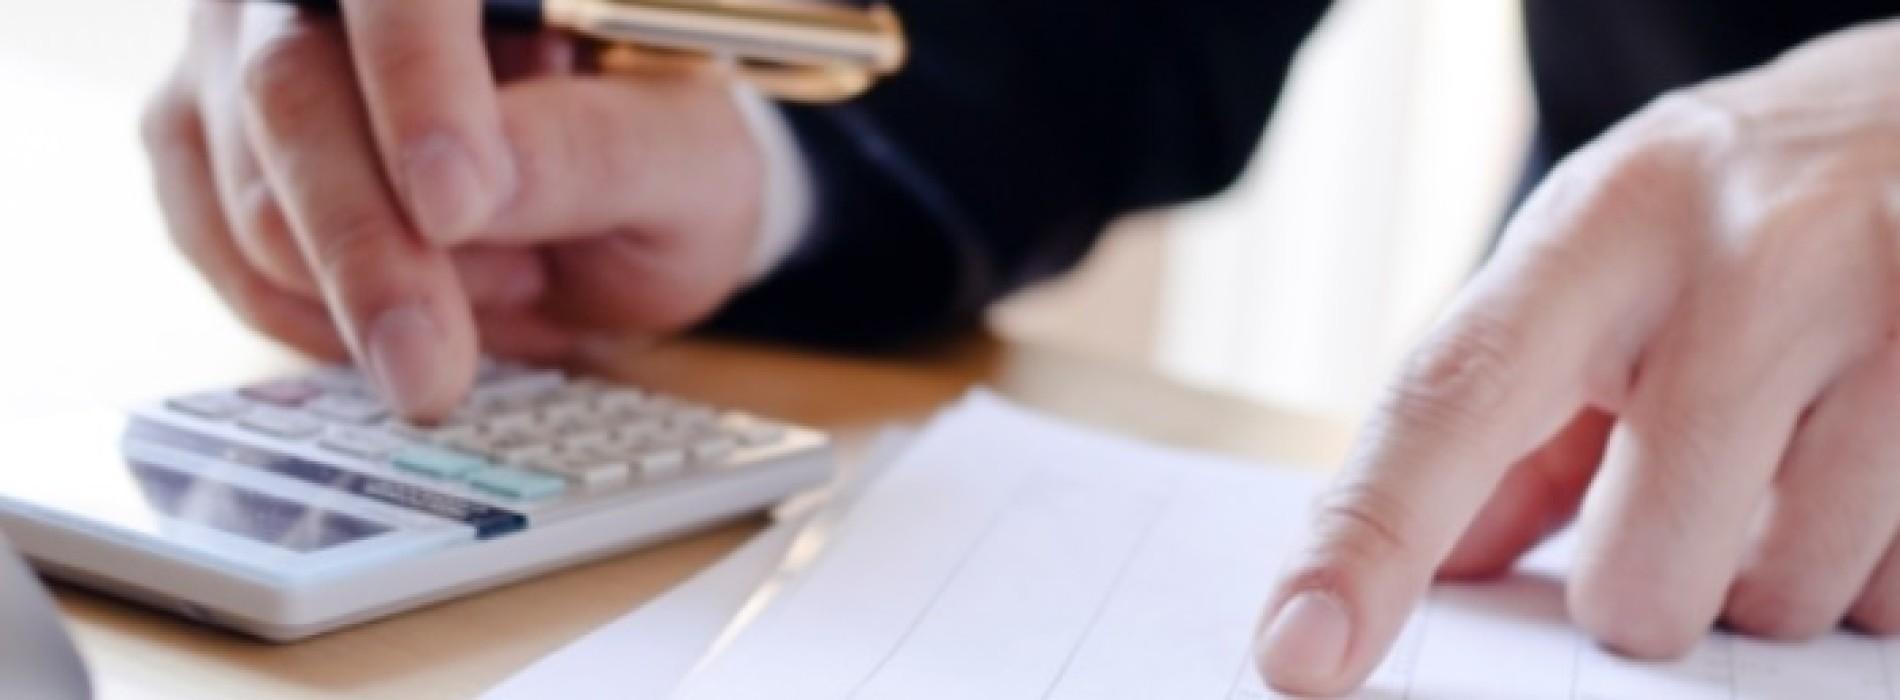 Bardziej przyjazne przepisy o podatku akcyzowym